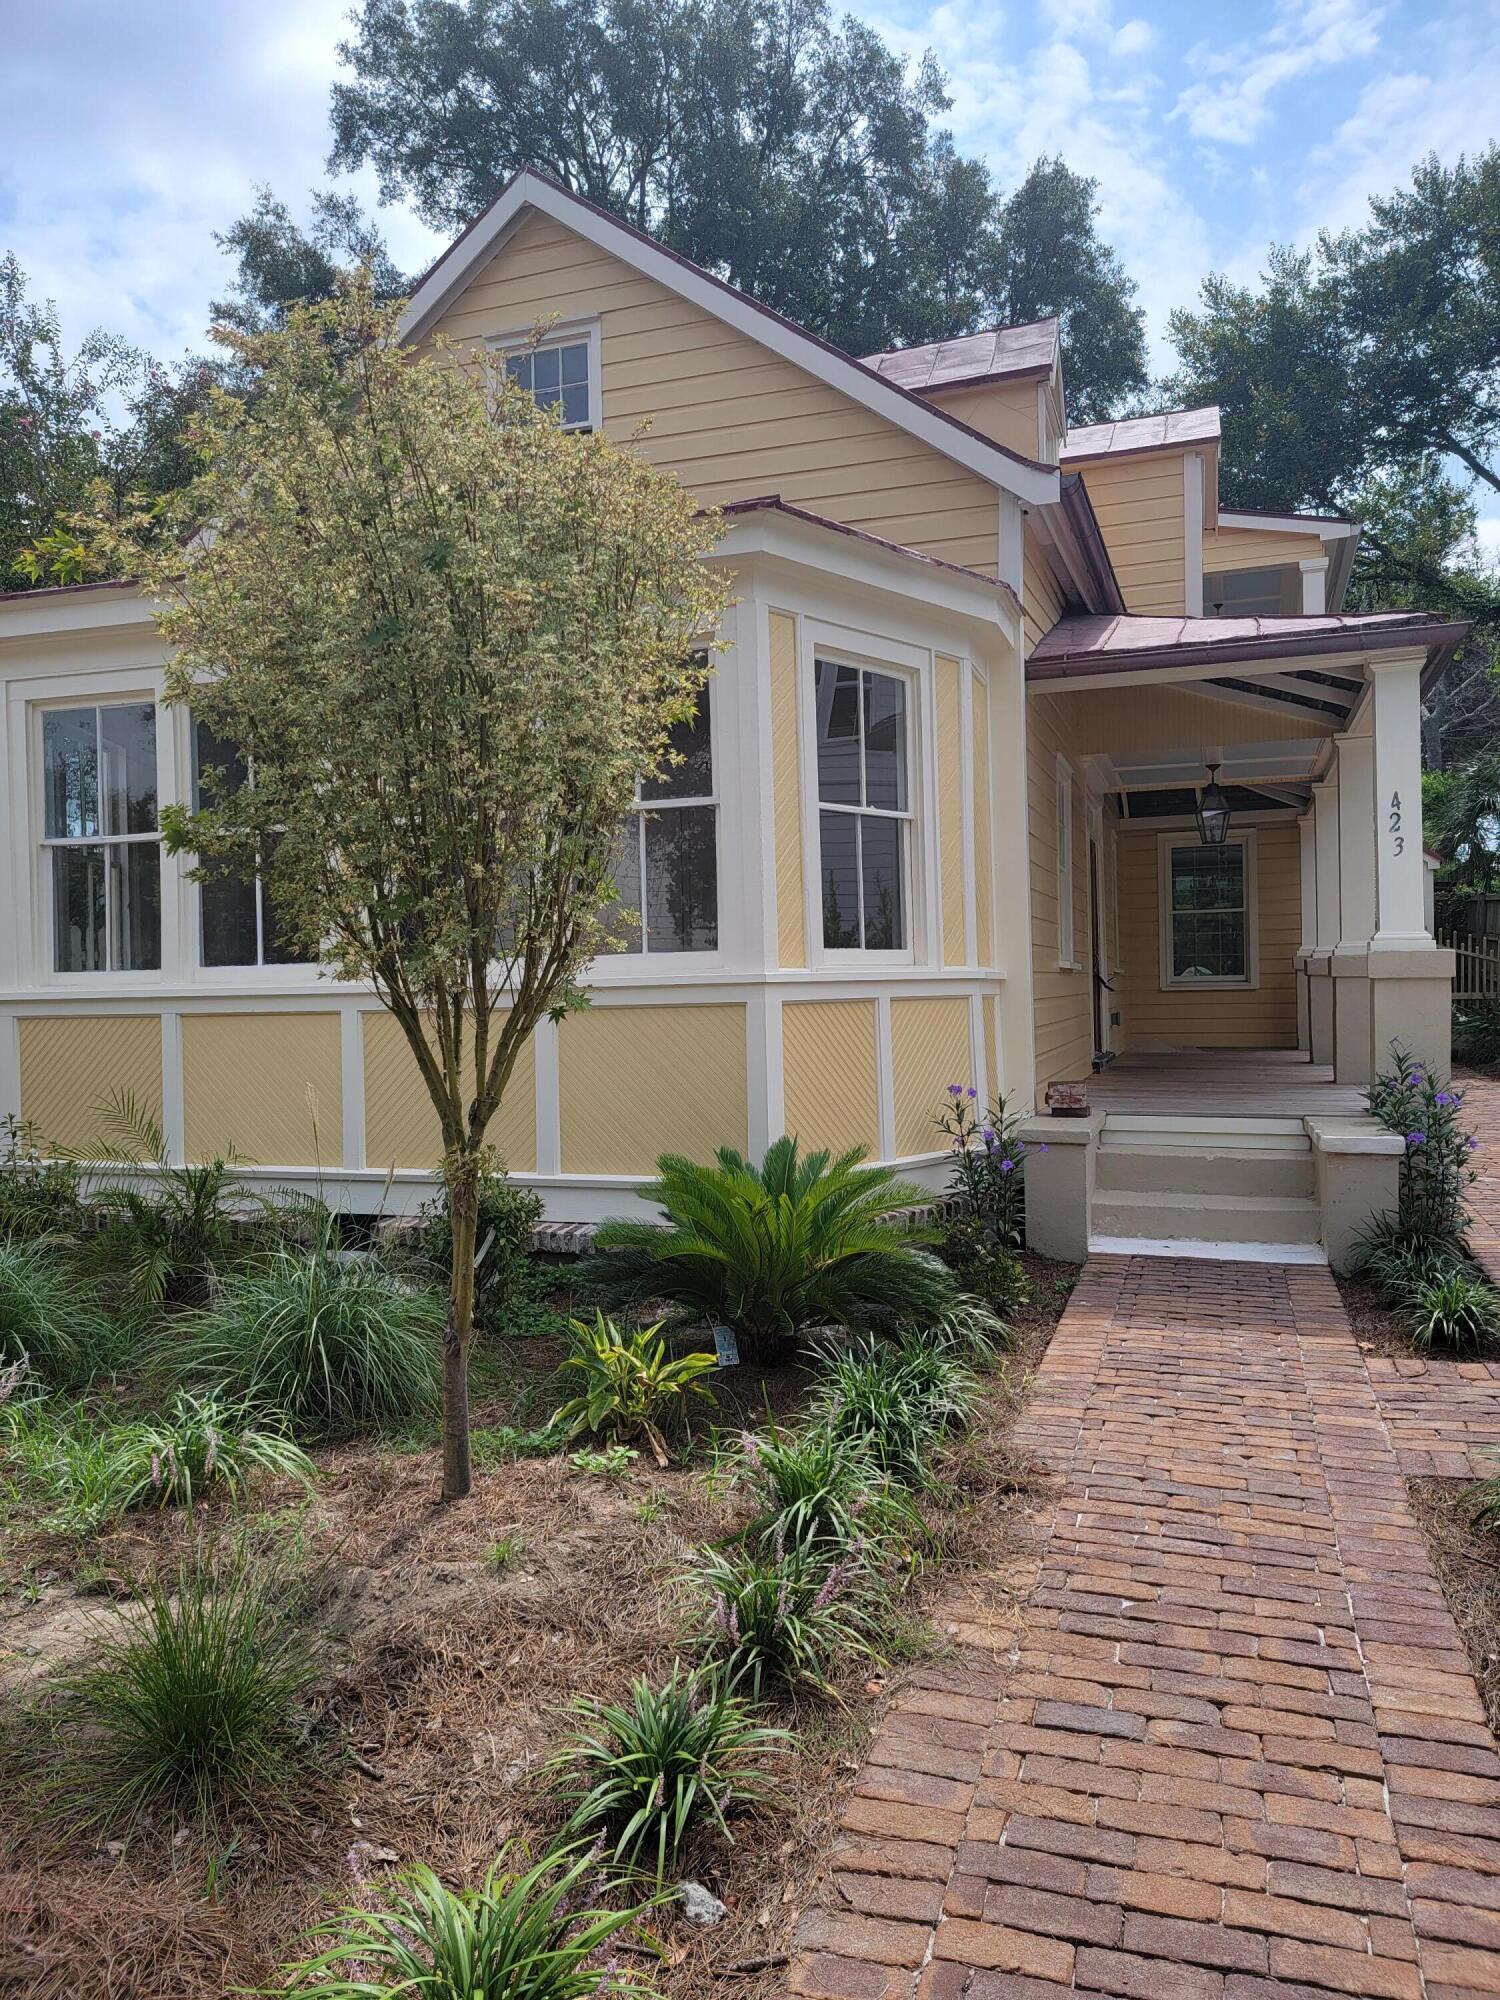 423 King Street, Mount Pleasant, 29464, 3 Bedrooms Bedrooms, ,3 BathroomsBathrooms,Rental,For Rent,King,21026963